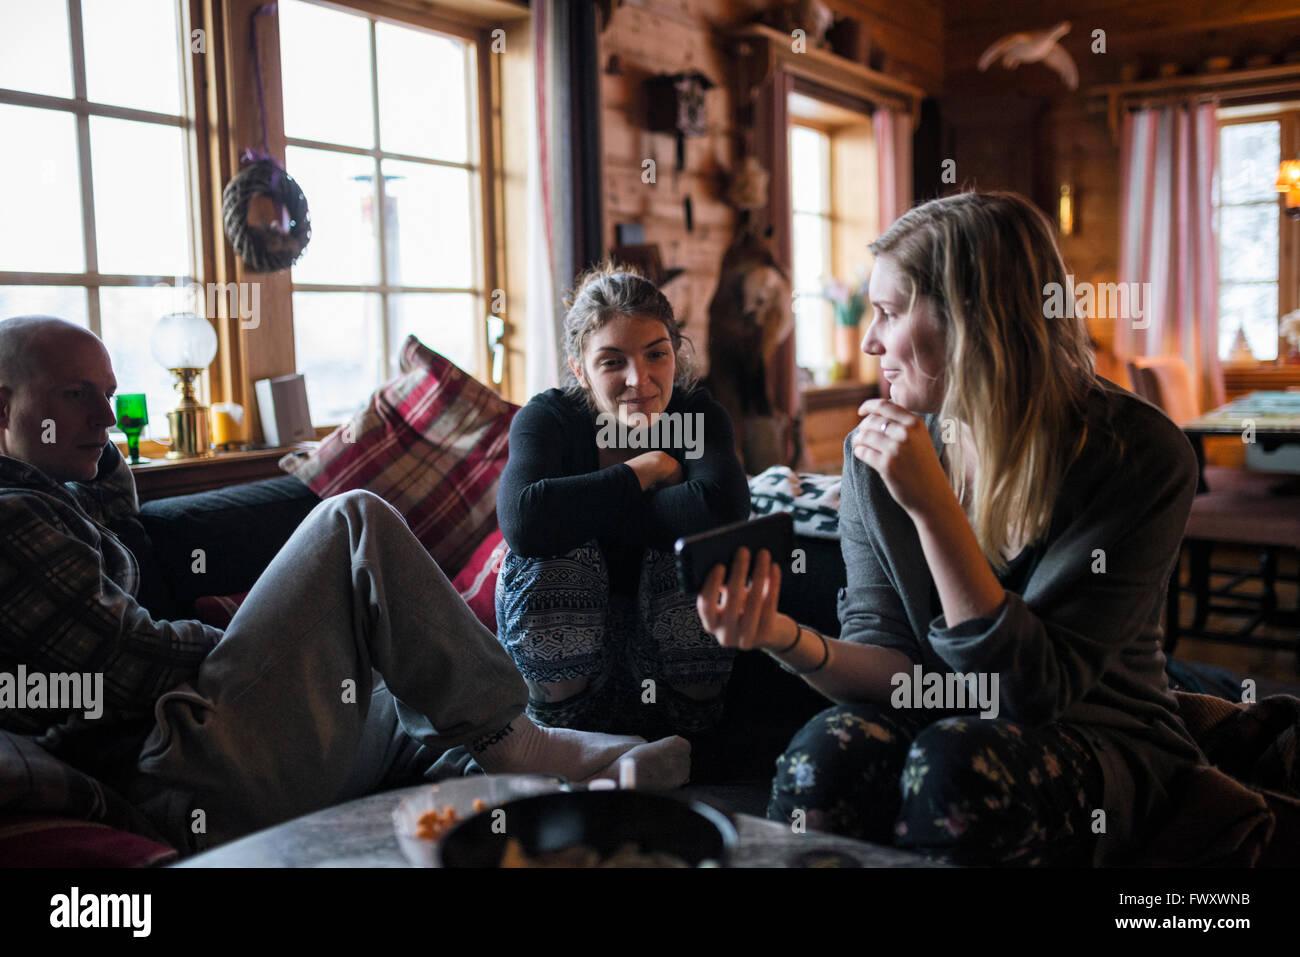 La Suède, jeune femme montrant smart phone à des amis en log cabin Photo Stock